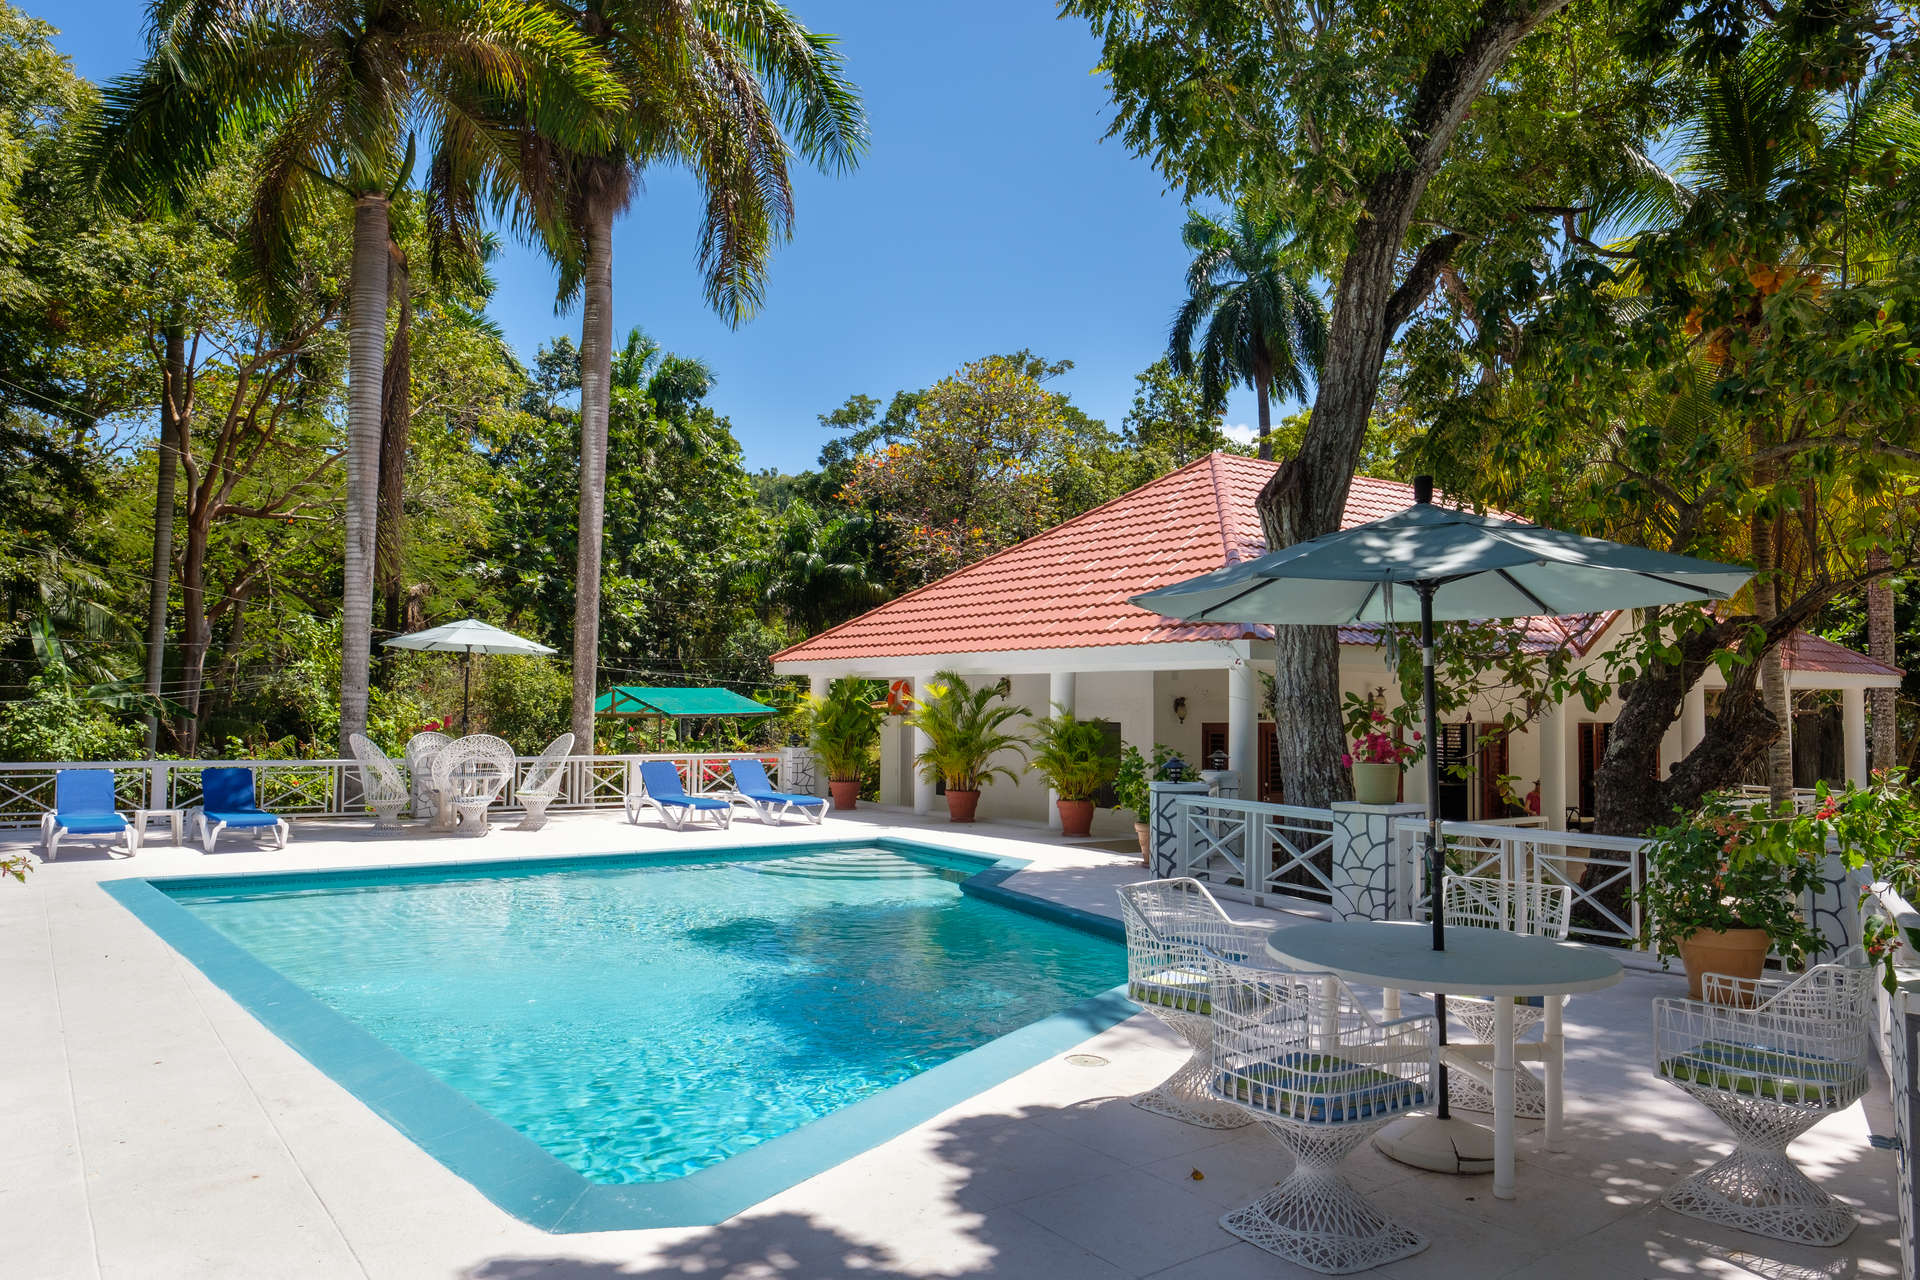 Luxury villa rentals caribbean - Jamaica - Oracabessa - No location 4 - Golden Clouds - Image 1/57